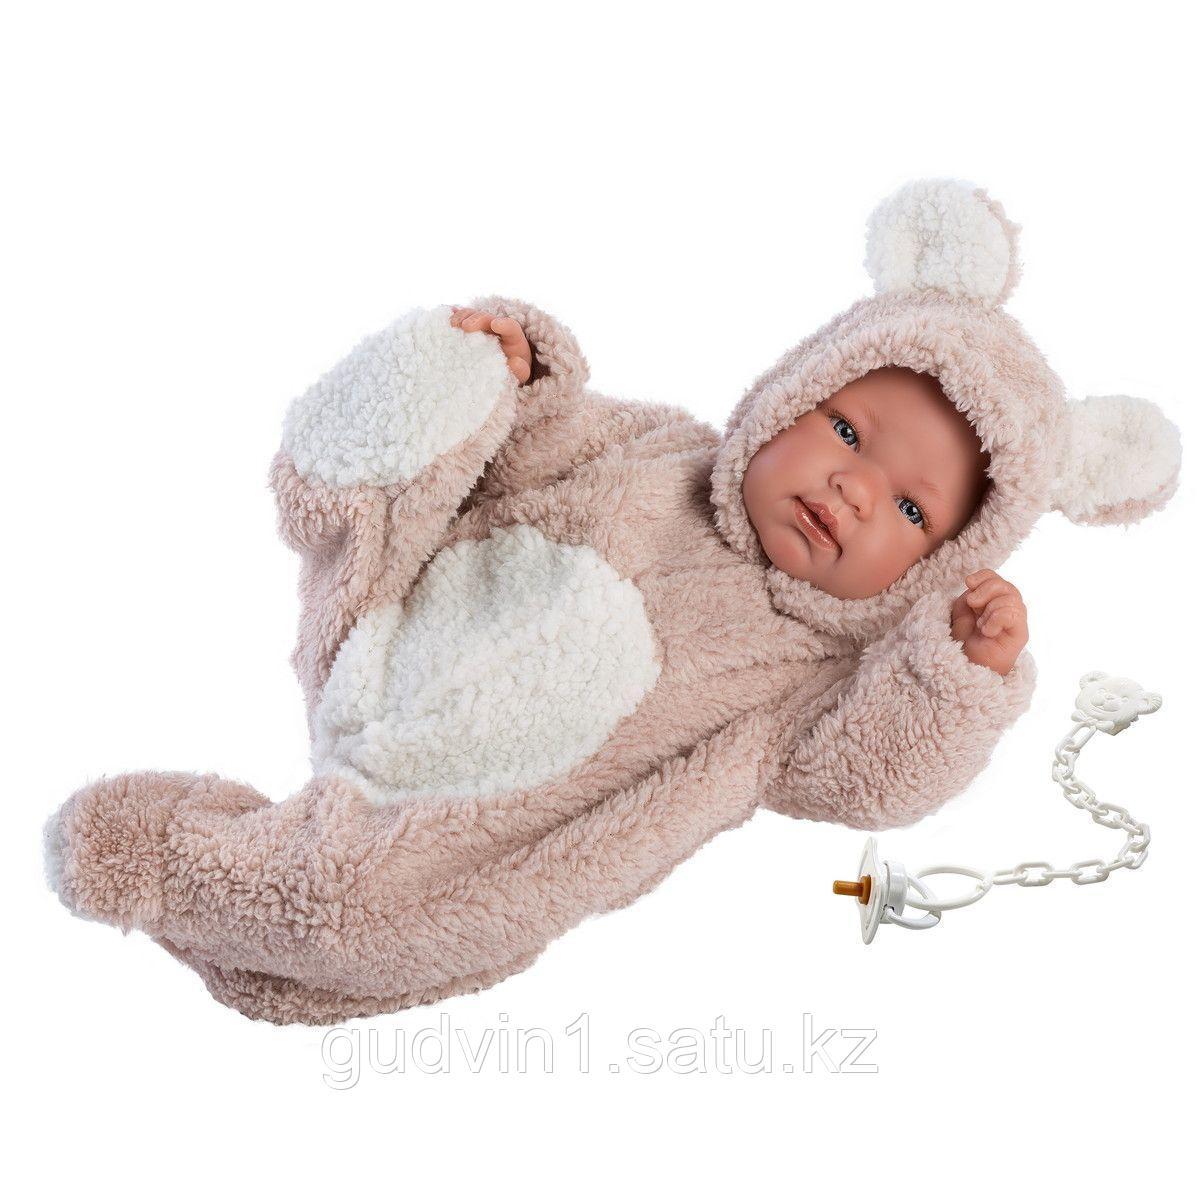 LLORENS: Пупс Малыш 44 см в костбме медвежонка 1102636